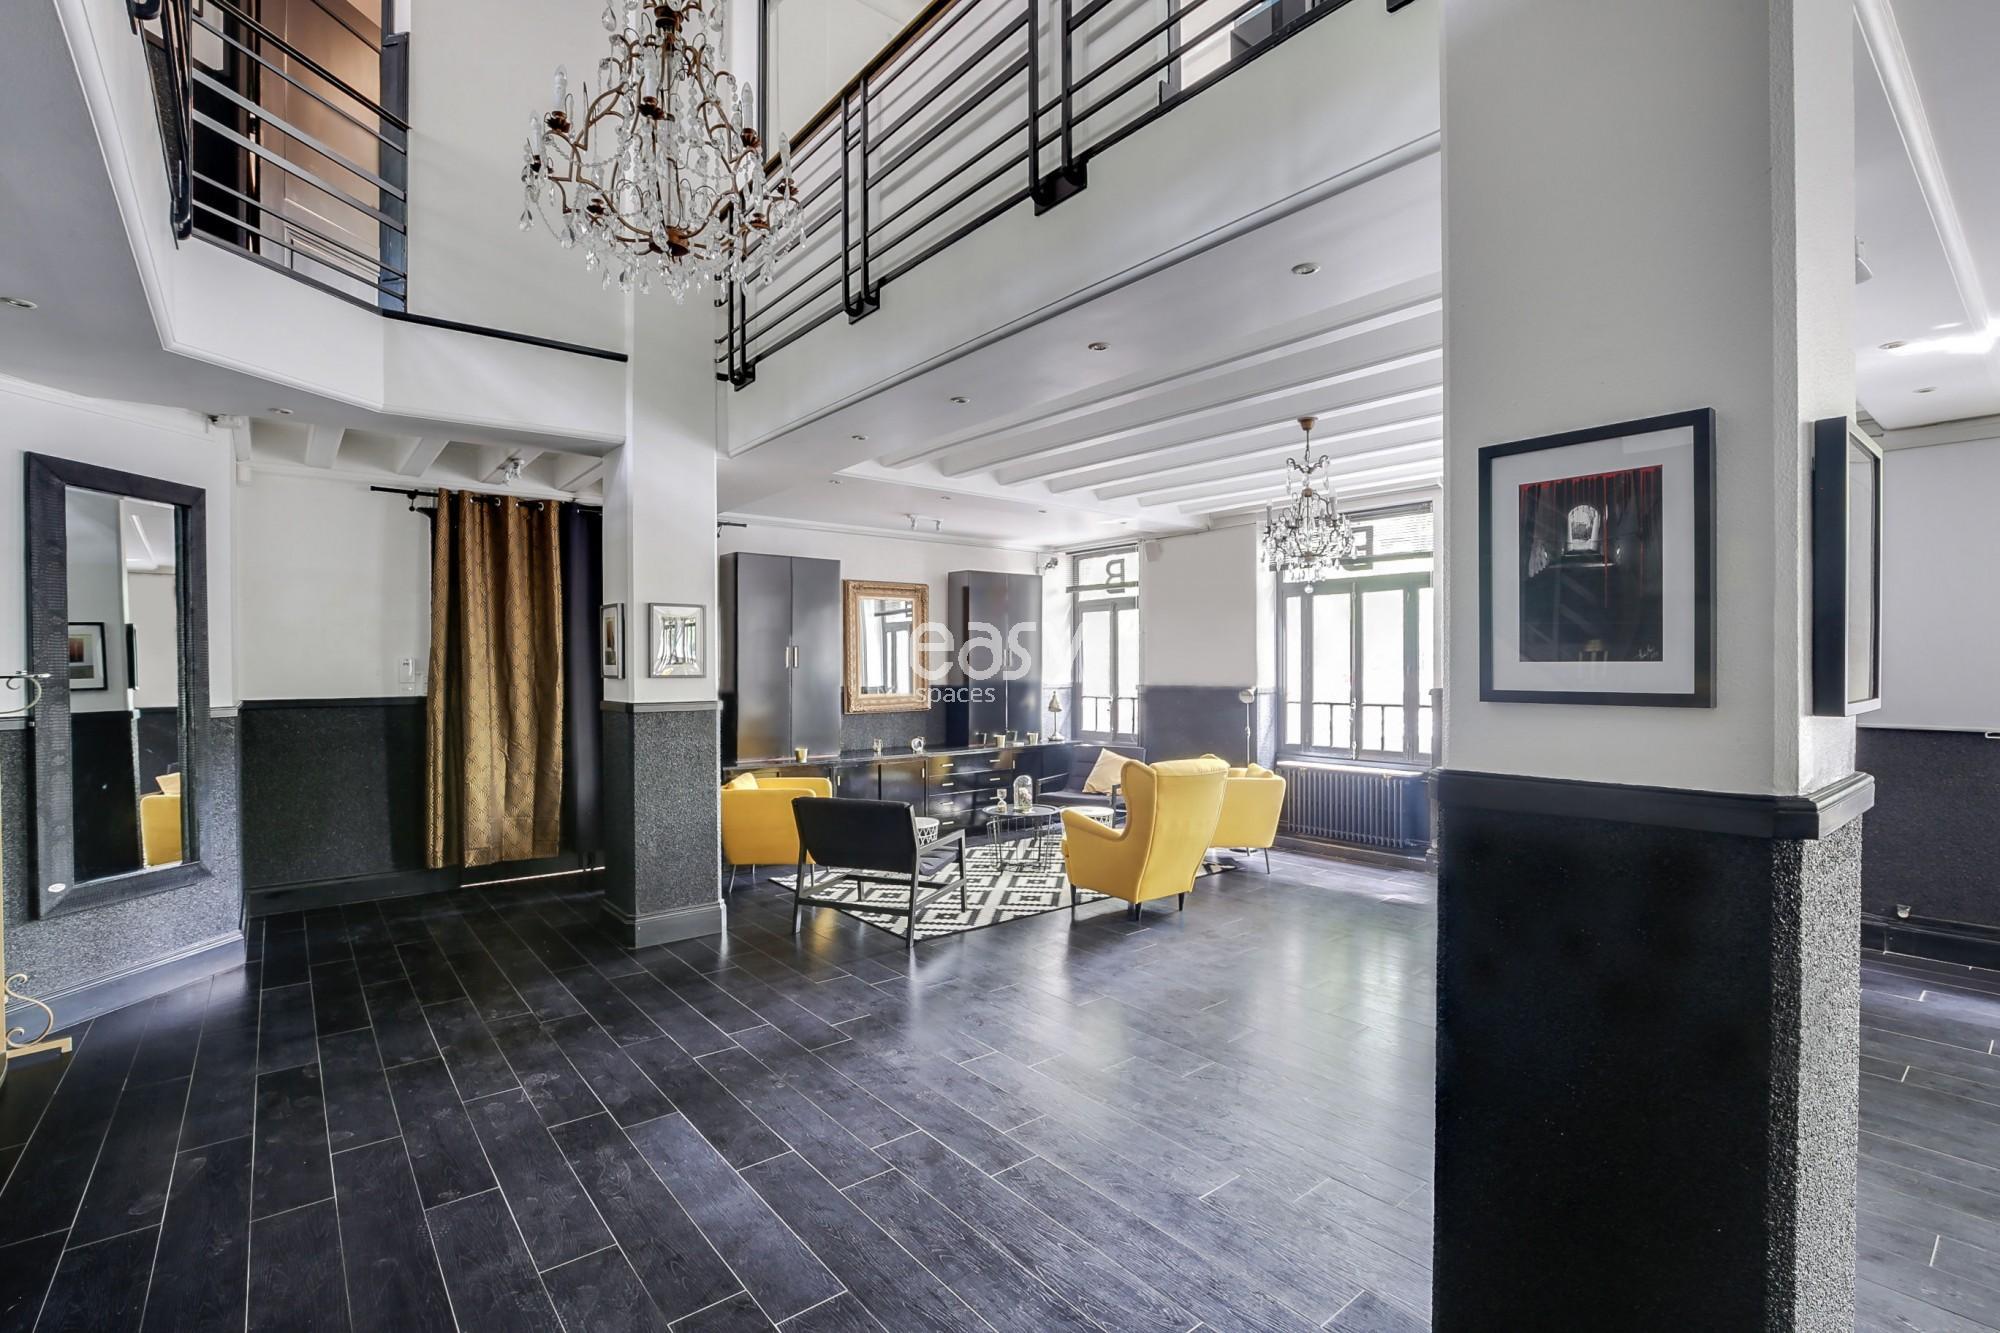 espace atypique louer pour shooting tournage v nementiel lyon lieux lieu louer pour. Black Bedroom Furniture Sets. Home Design Ideas